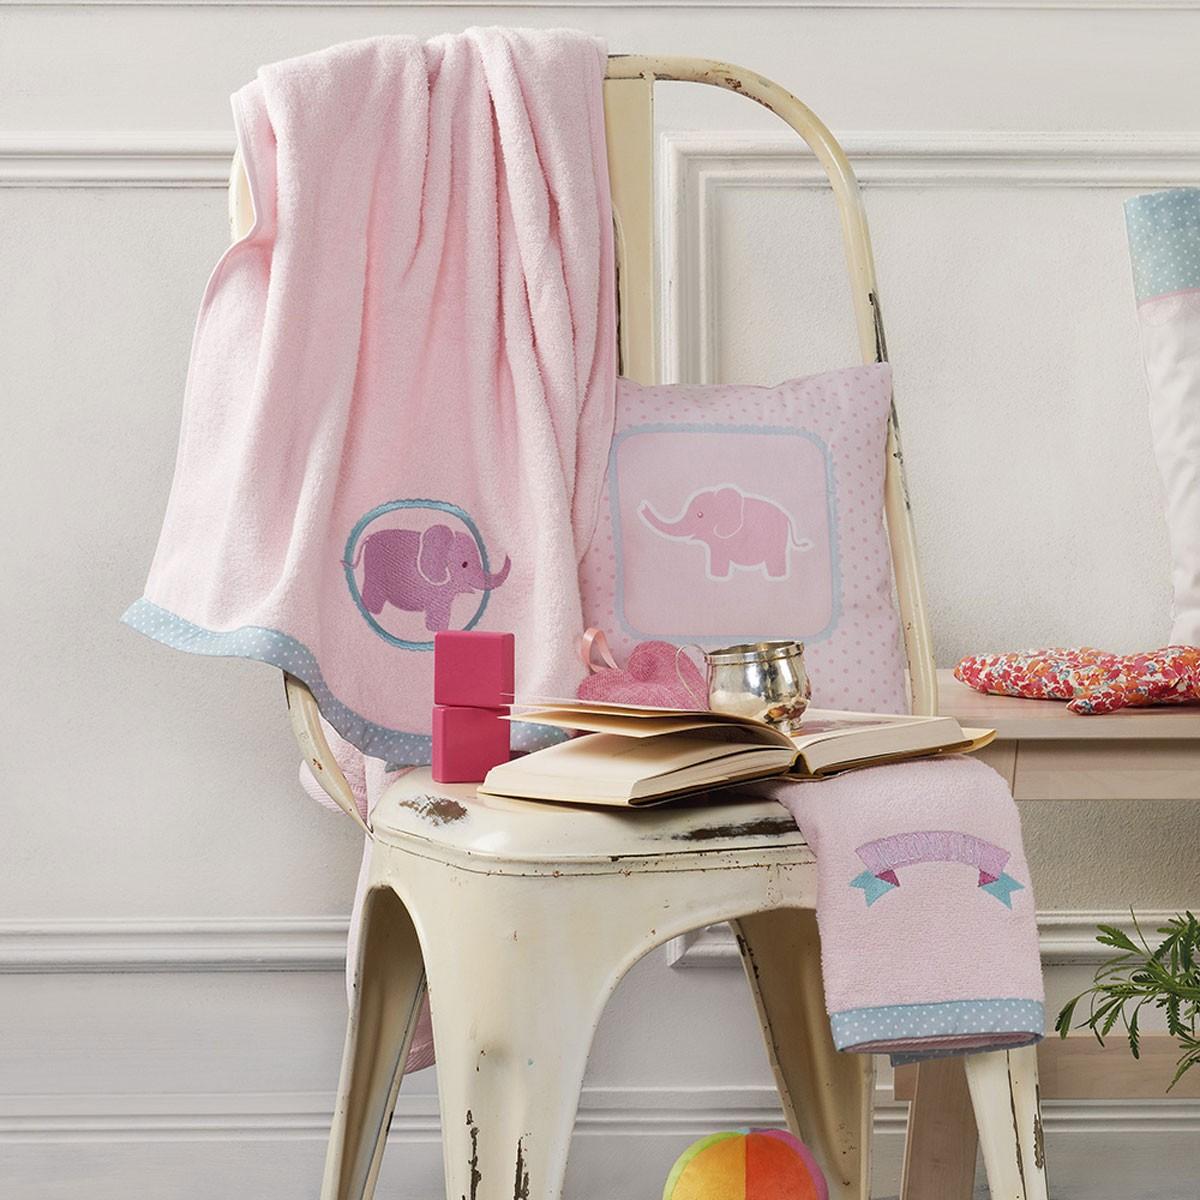 Βρεφικές Πετσέτες (Σετ 2τμχ) Kentia Baby Welcome Baby 14